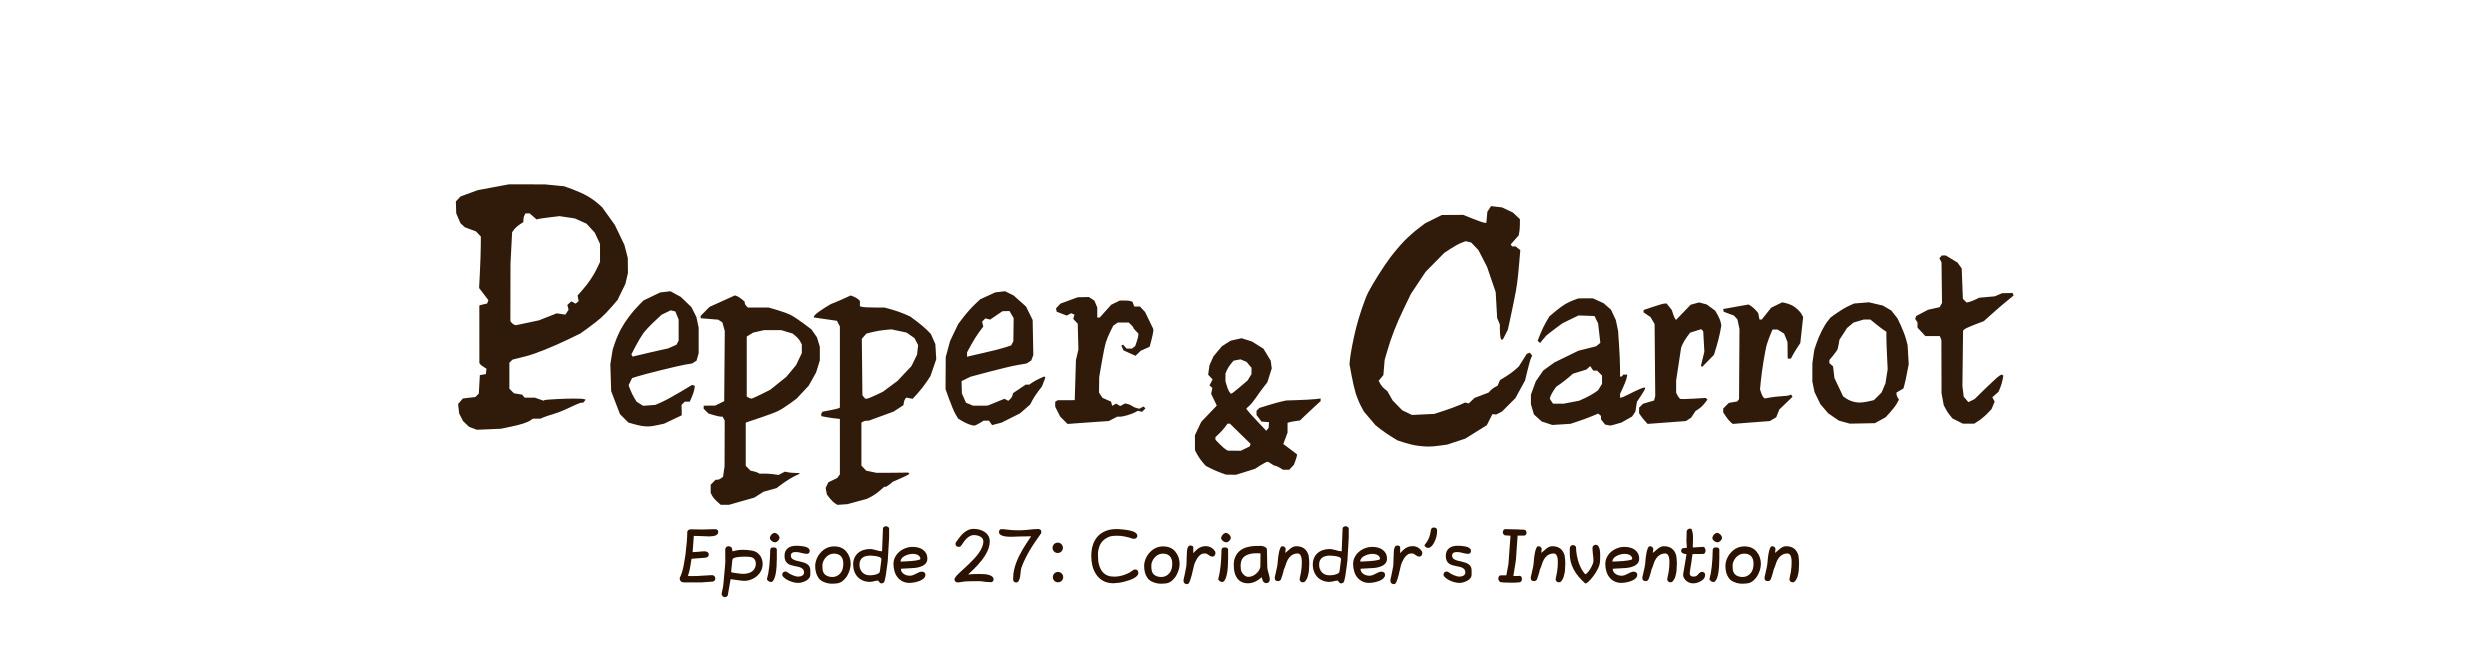 Episode 27: Coriander's Invention